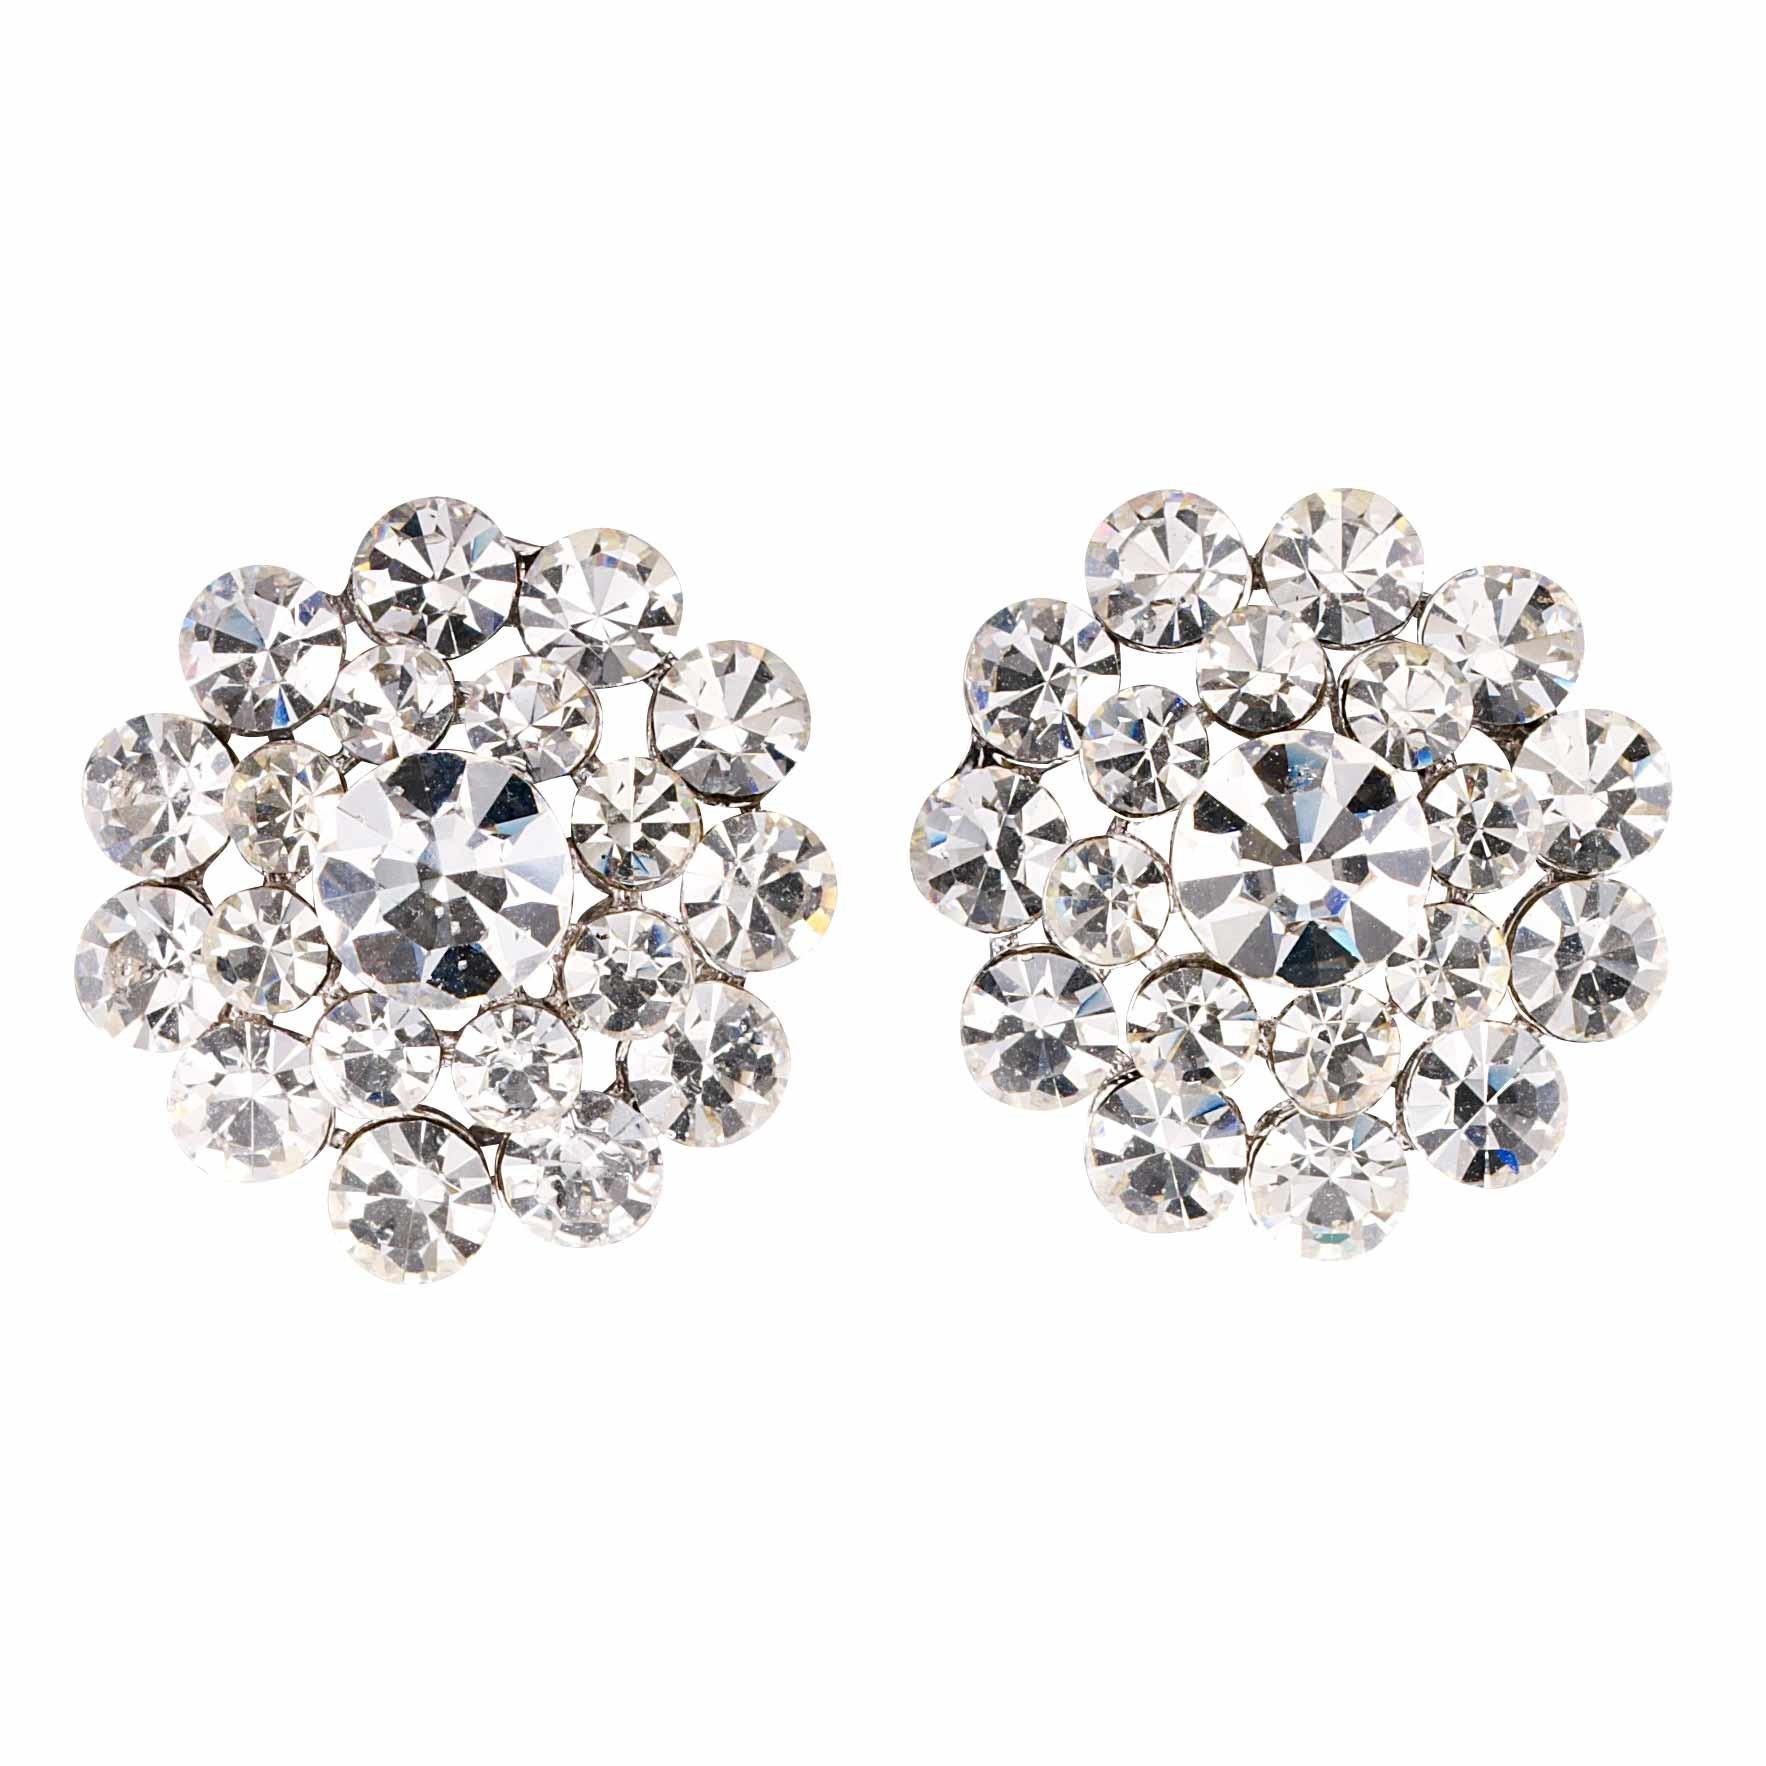 Swarovski Crystal Swarovski Clear White Diamond Crystal